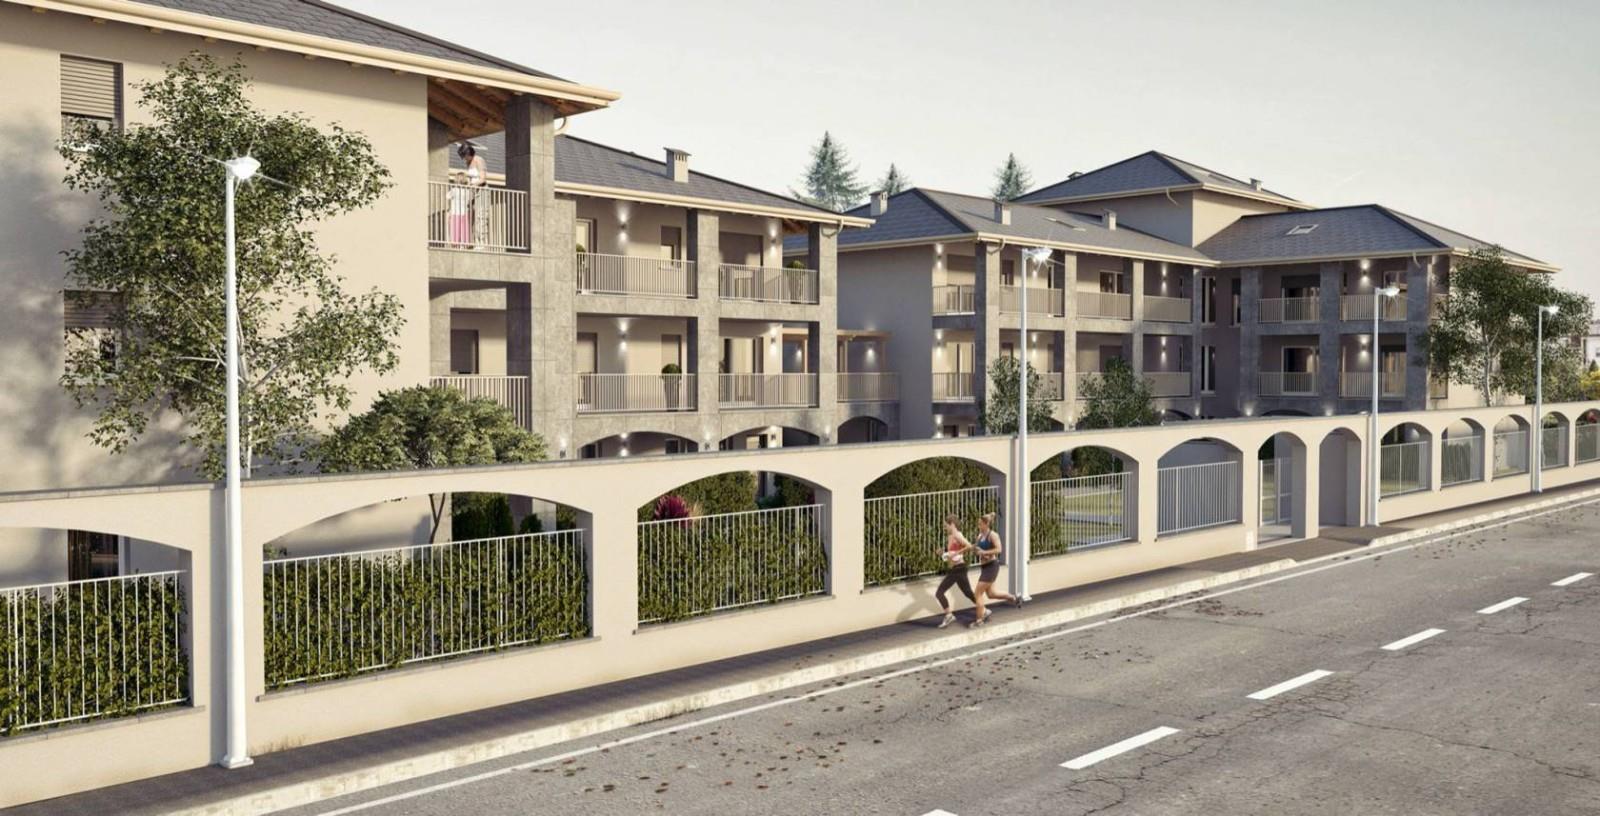 Foto 9 - Appartamento in Vendita - Monza, Zona Regina Pacis